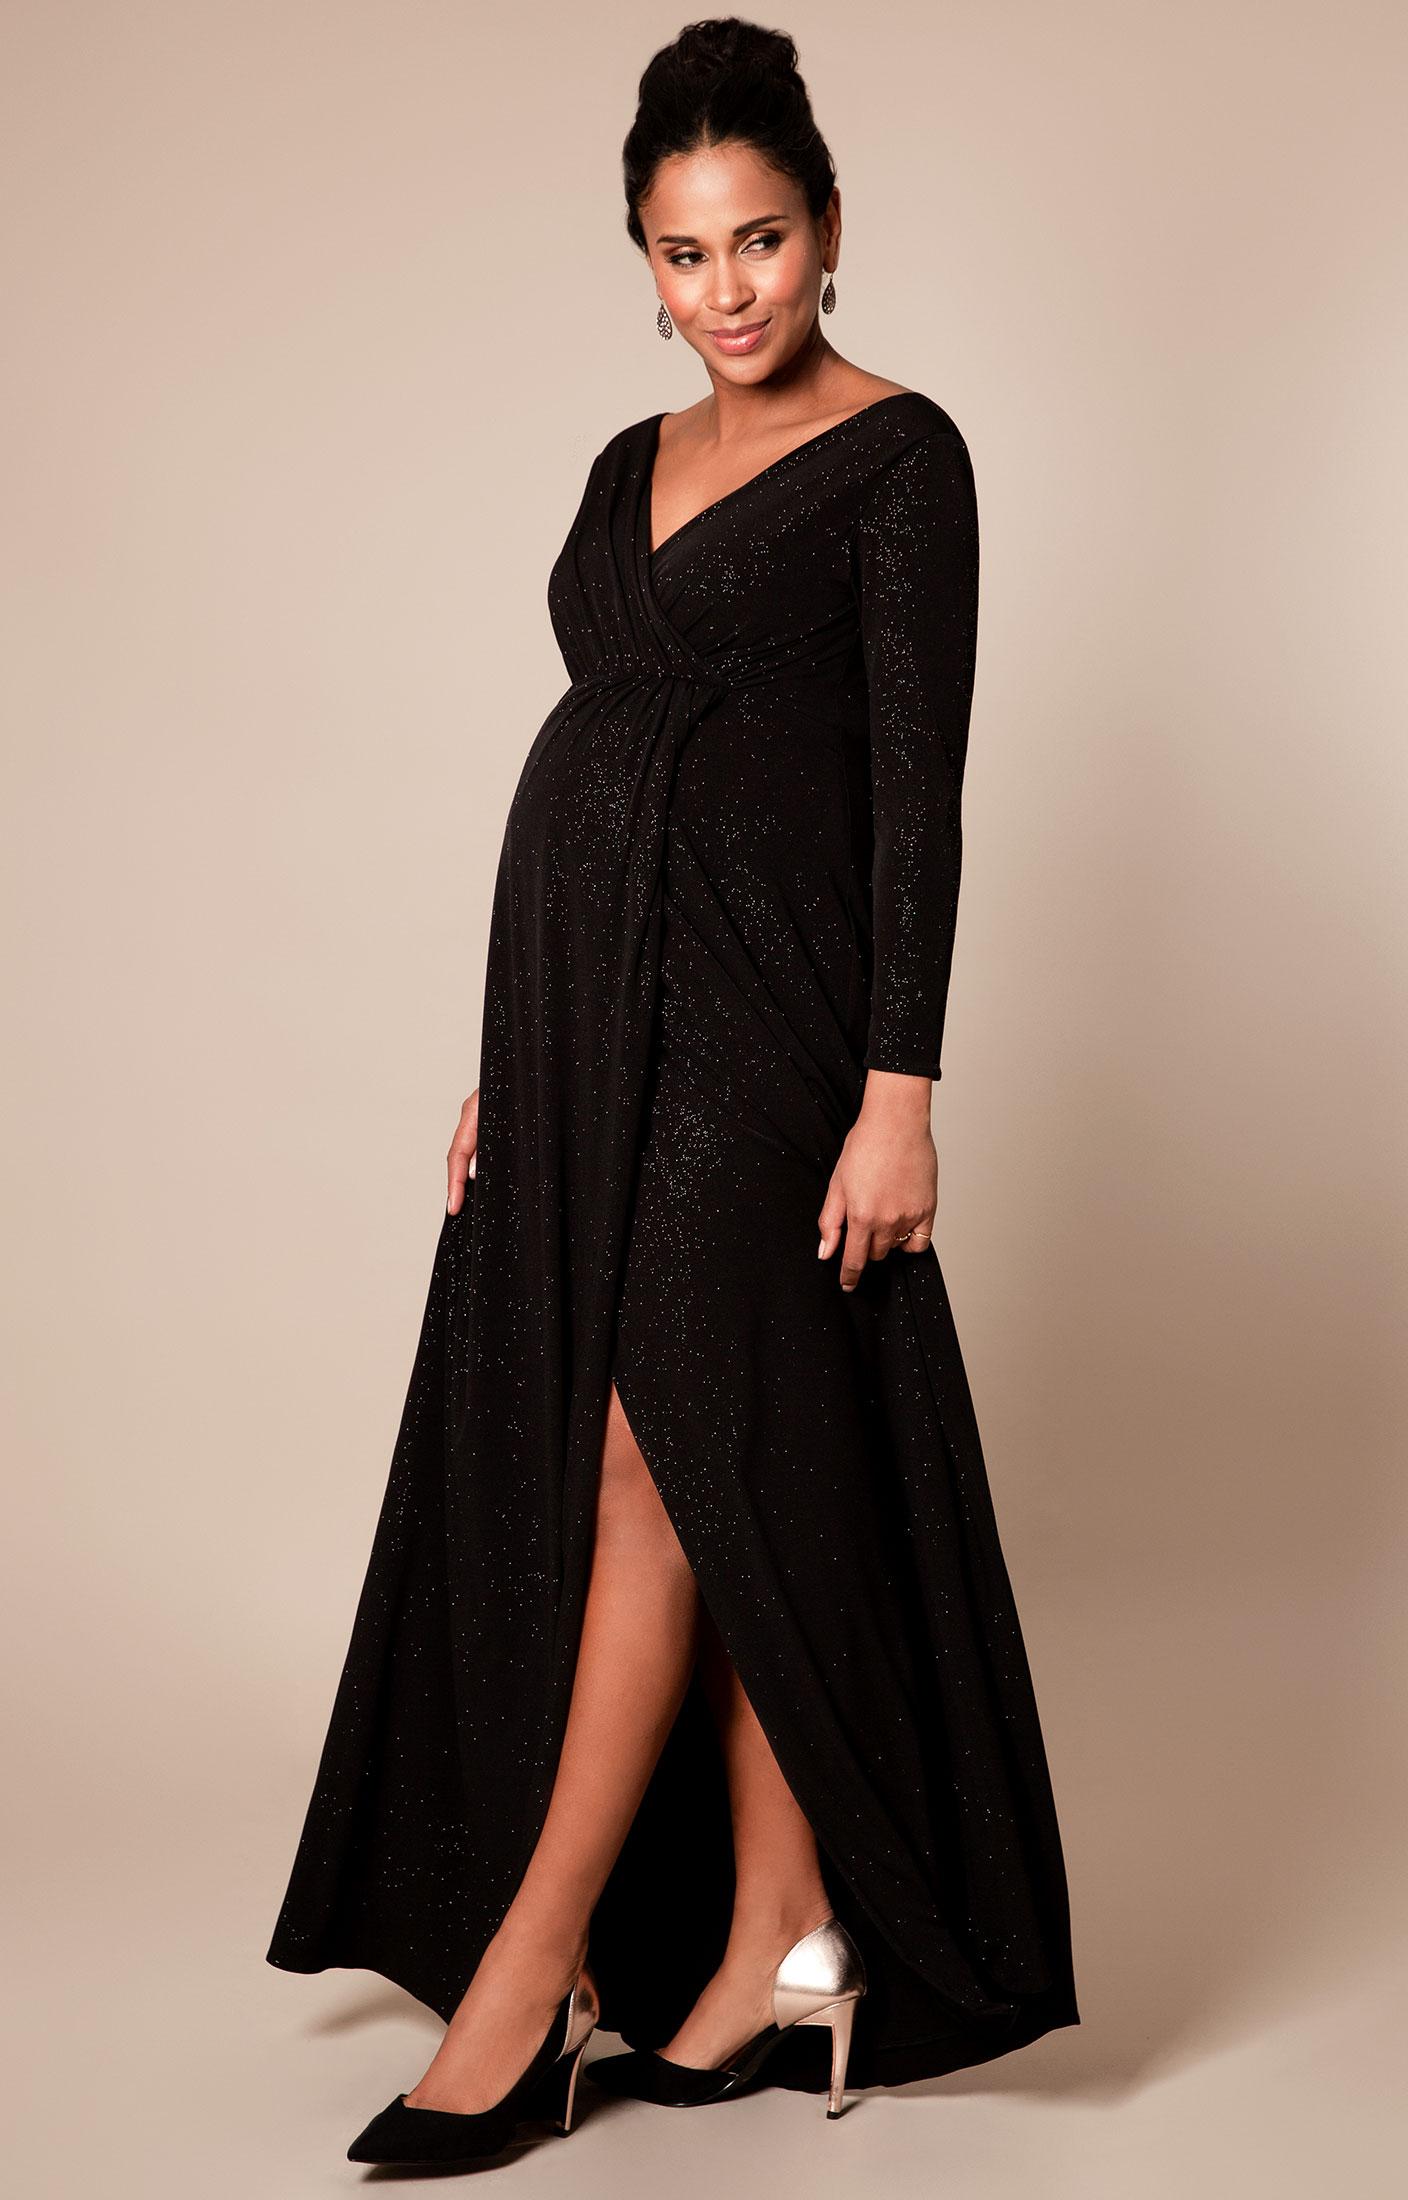 Schwarzes Umstands- und Still-Abendkleid aus glitzerndem Material.